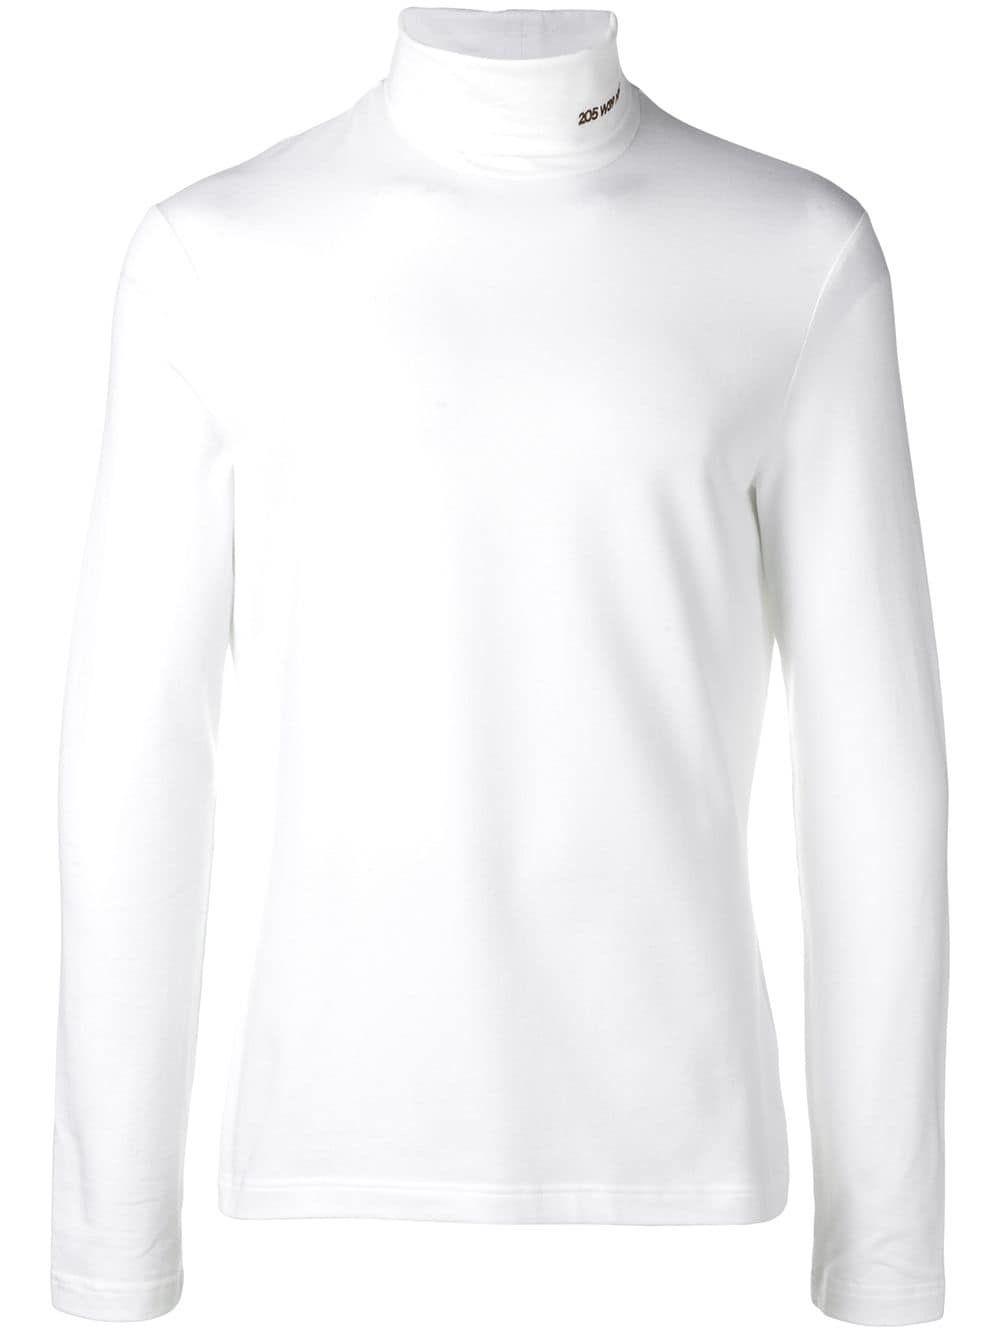 CALVIN KLEIN 205W39NYC CALVIN KLEIN 205W39NYC ROLL NECK SWEATSHIRT - WHITE.   calvinklein205w39nyc  cloth 785ee41f5